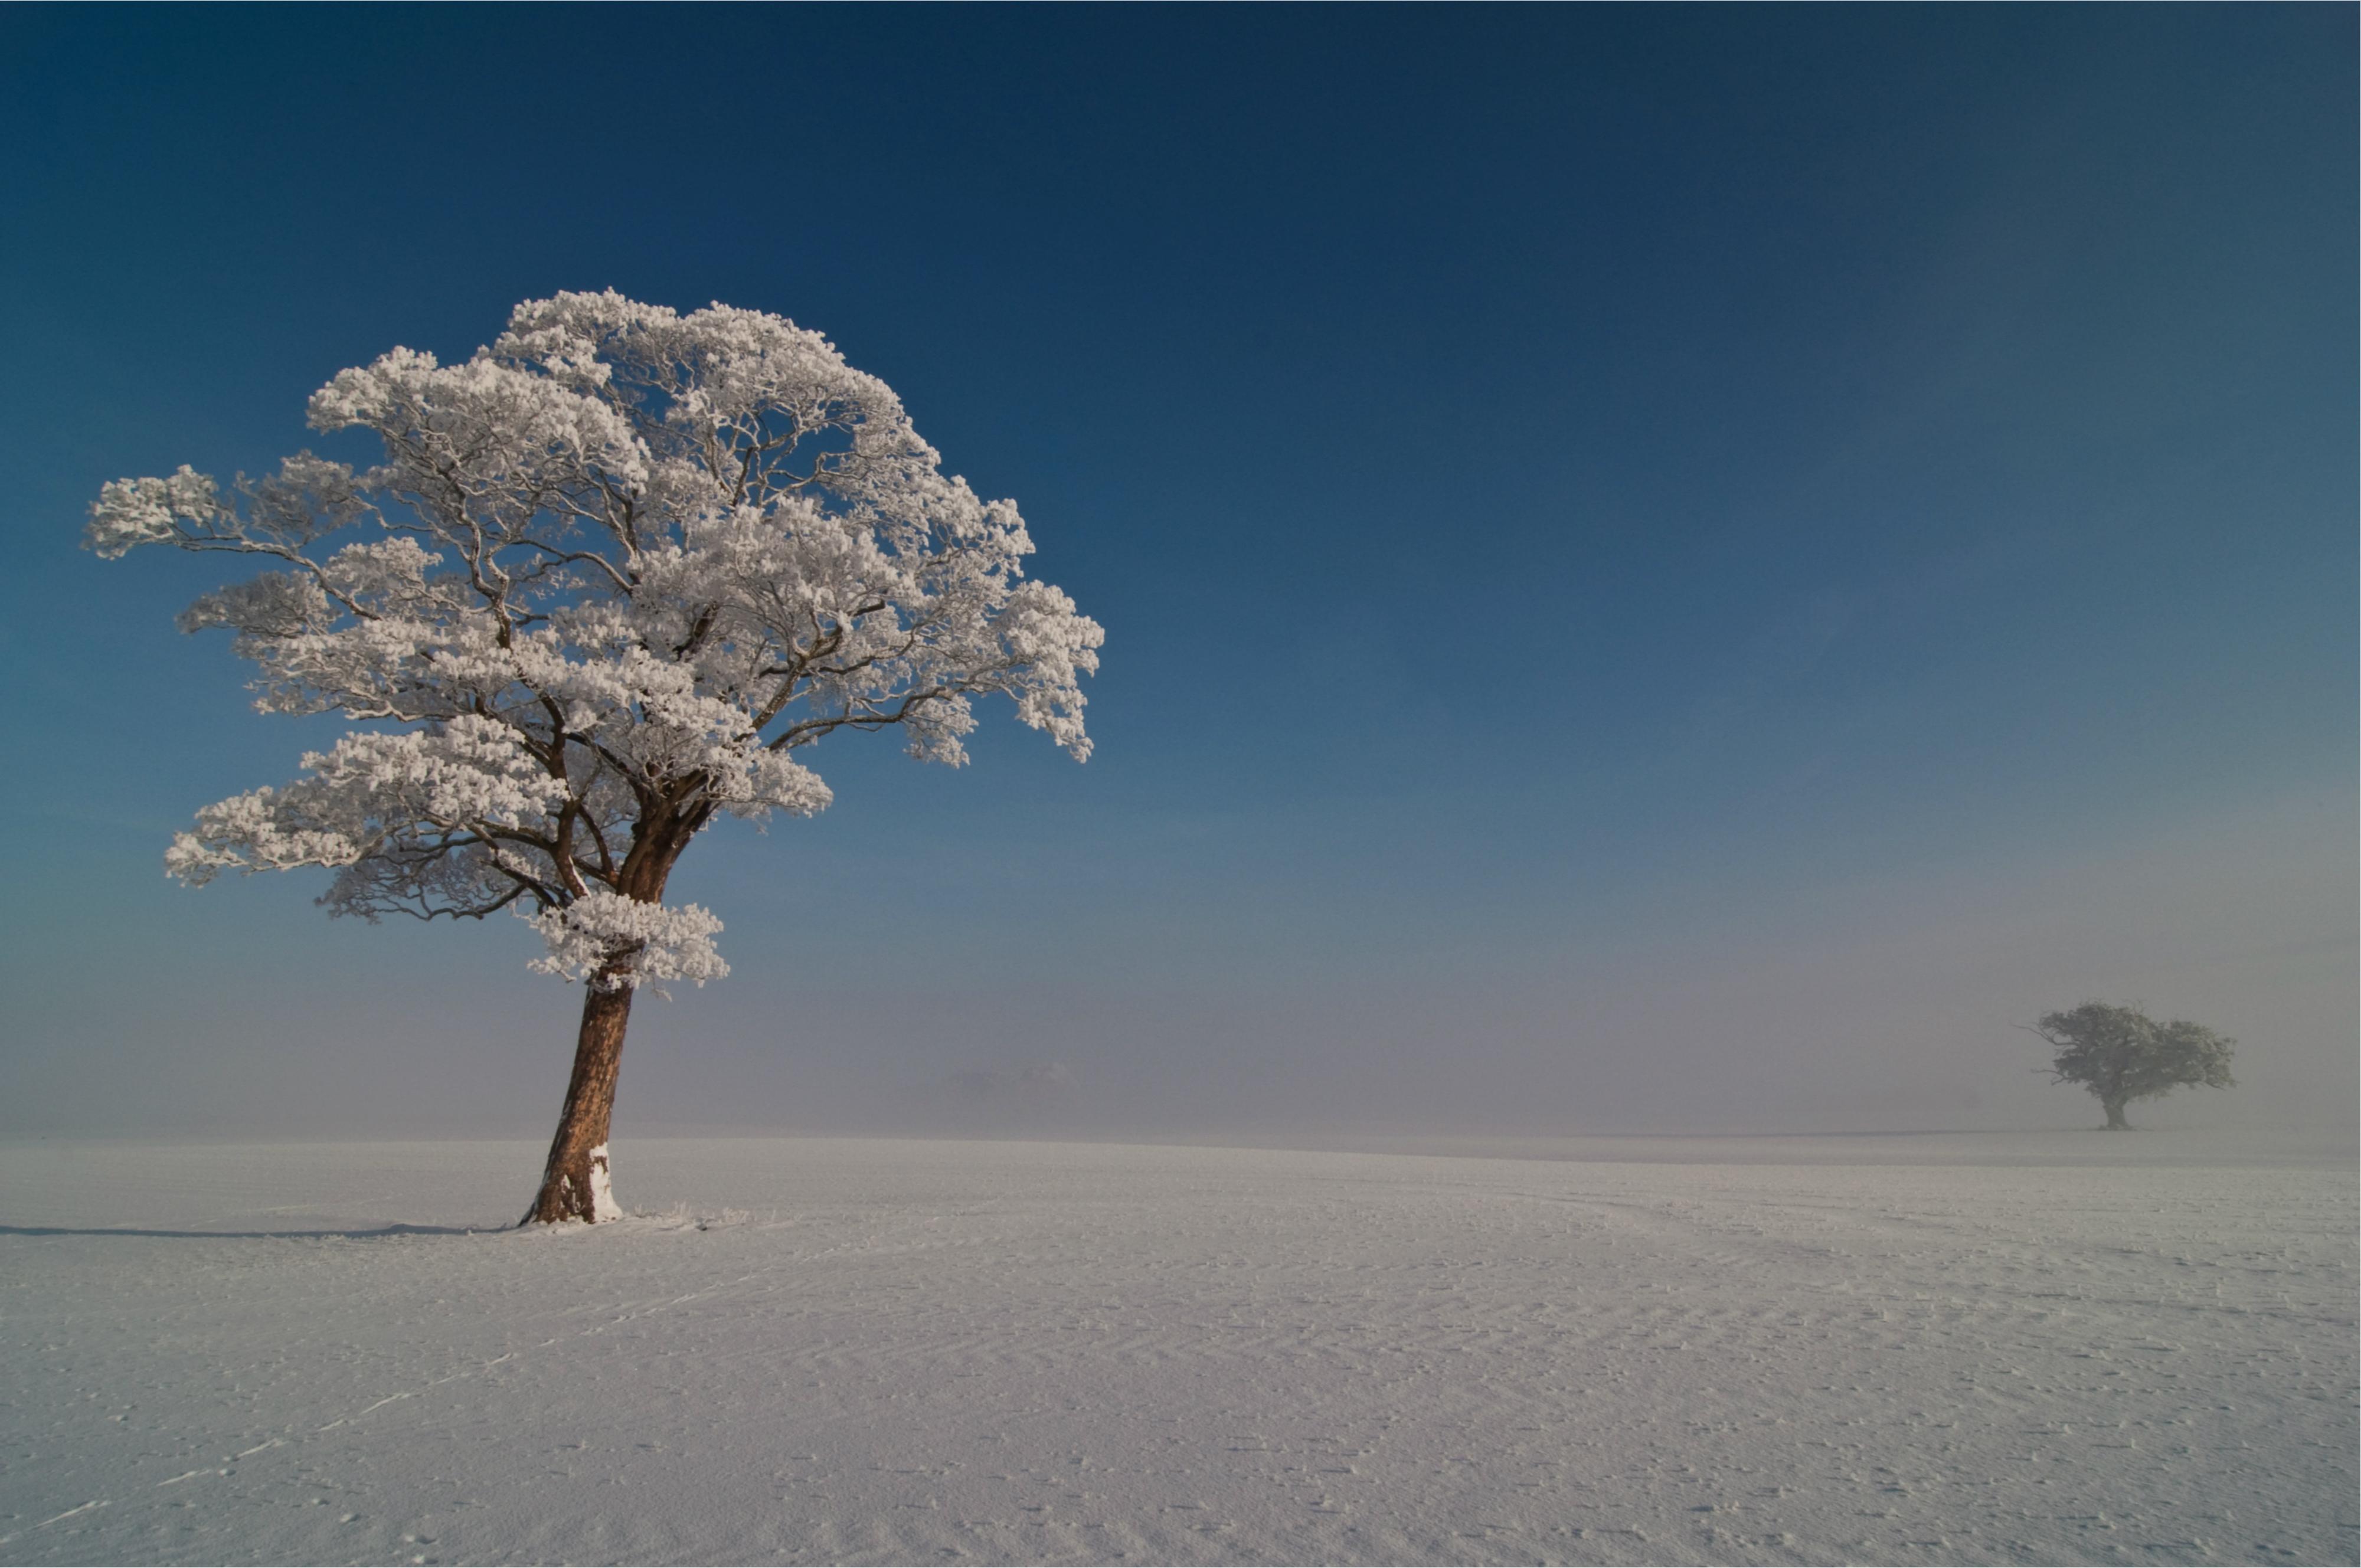 безоблачное небо зимой  № 2469709 бесплатно